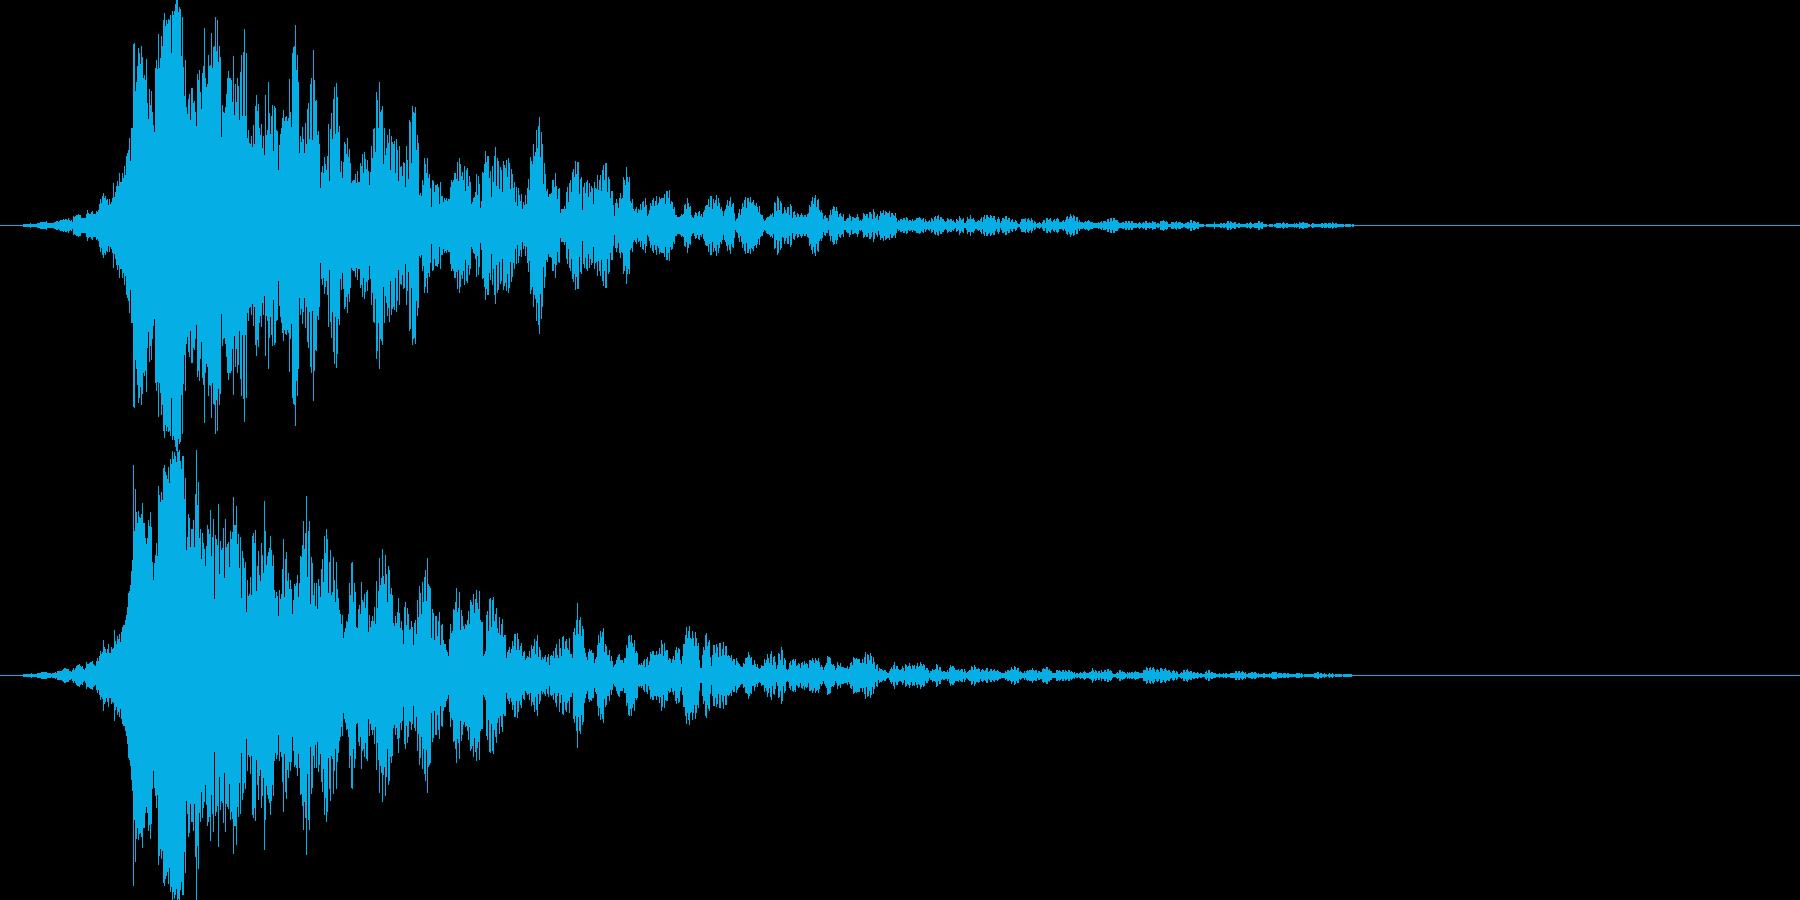 シャキーン!ド派手なインパクトに最適25の再生済みの波形